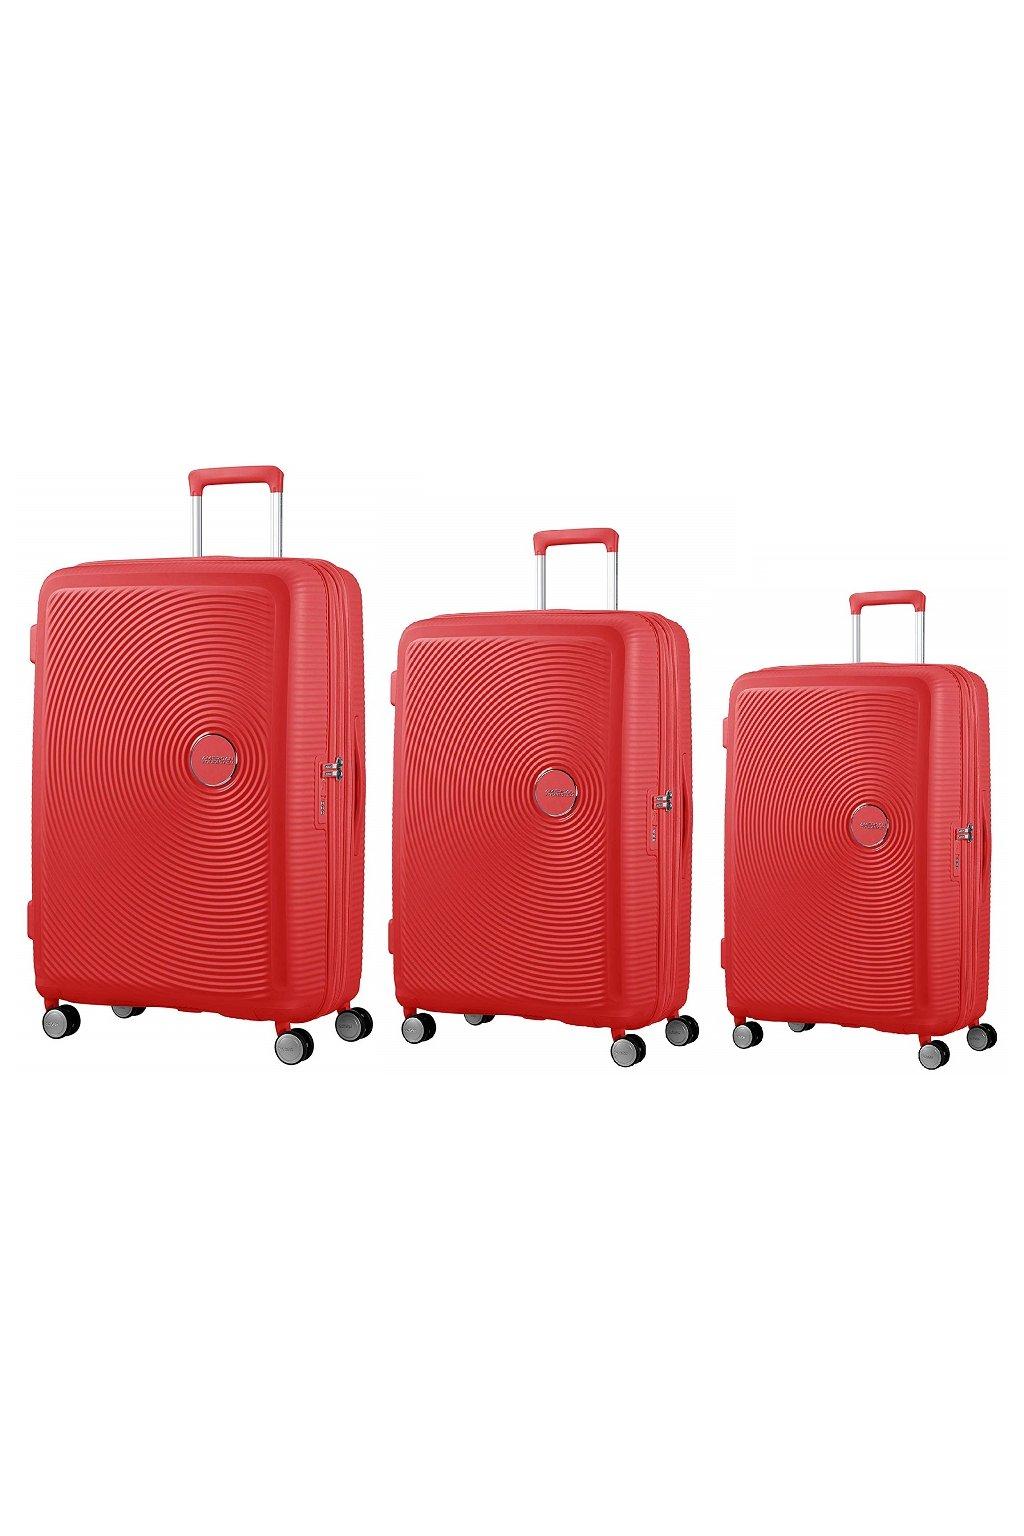 kufrland americantourister soundbox red (13)